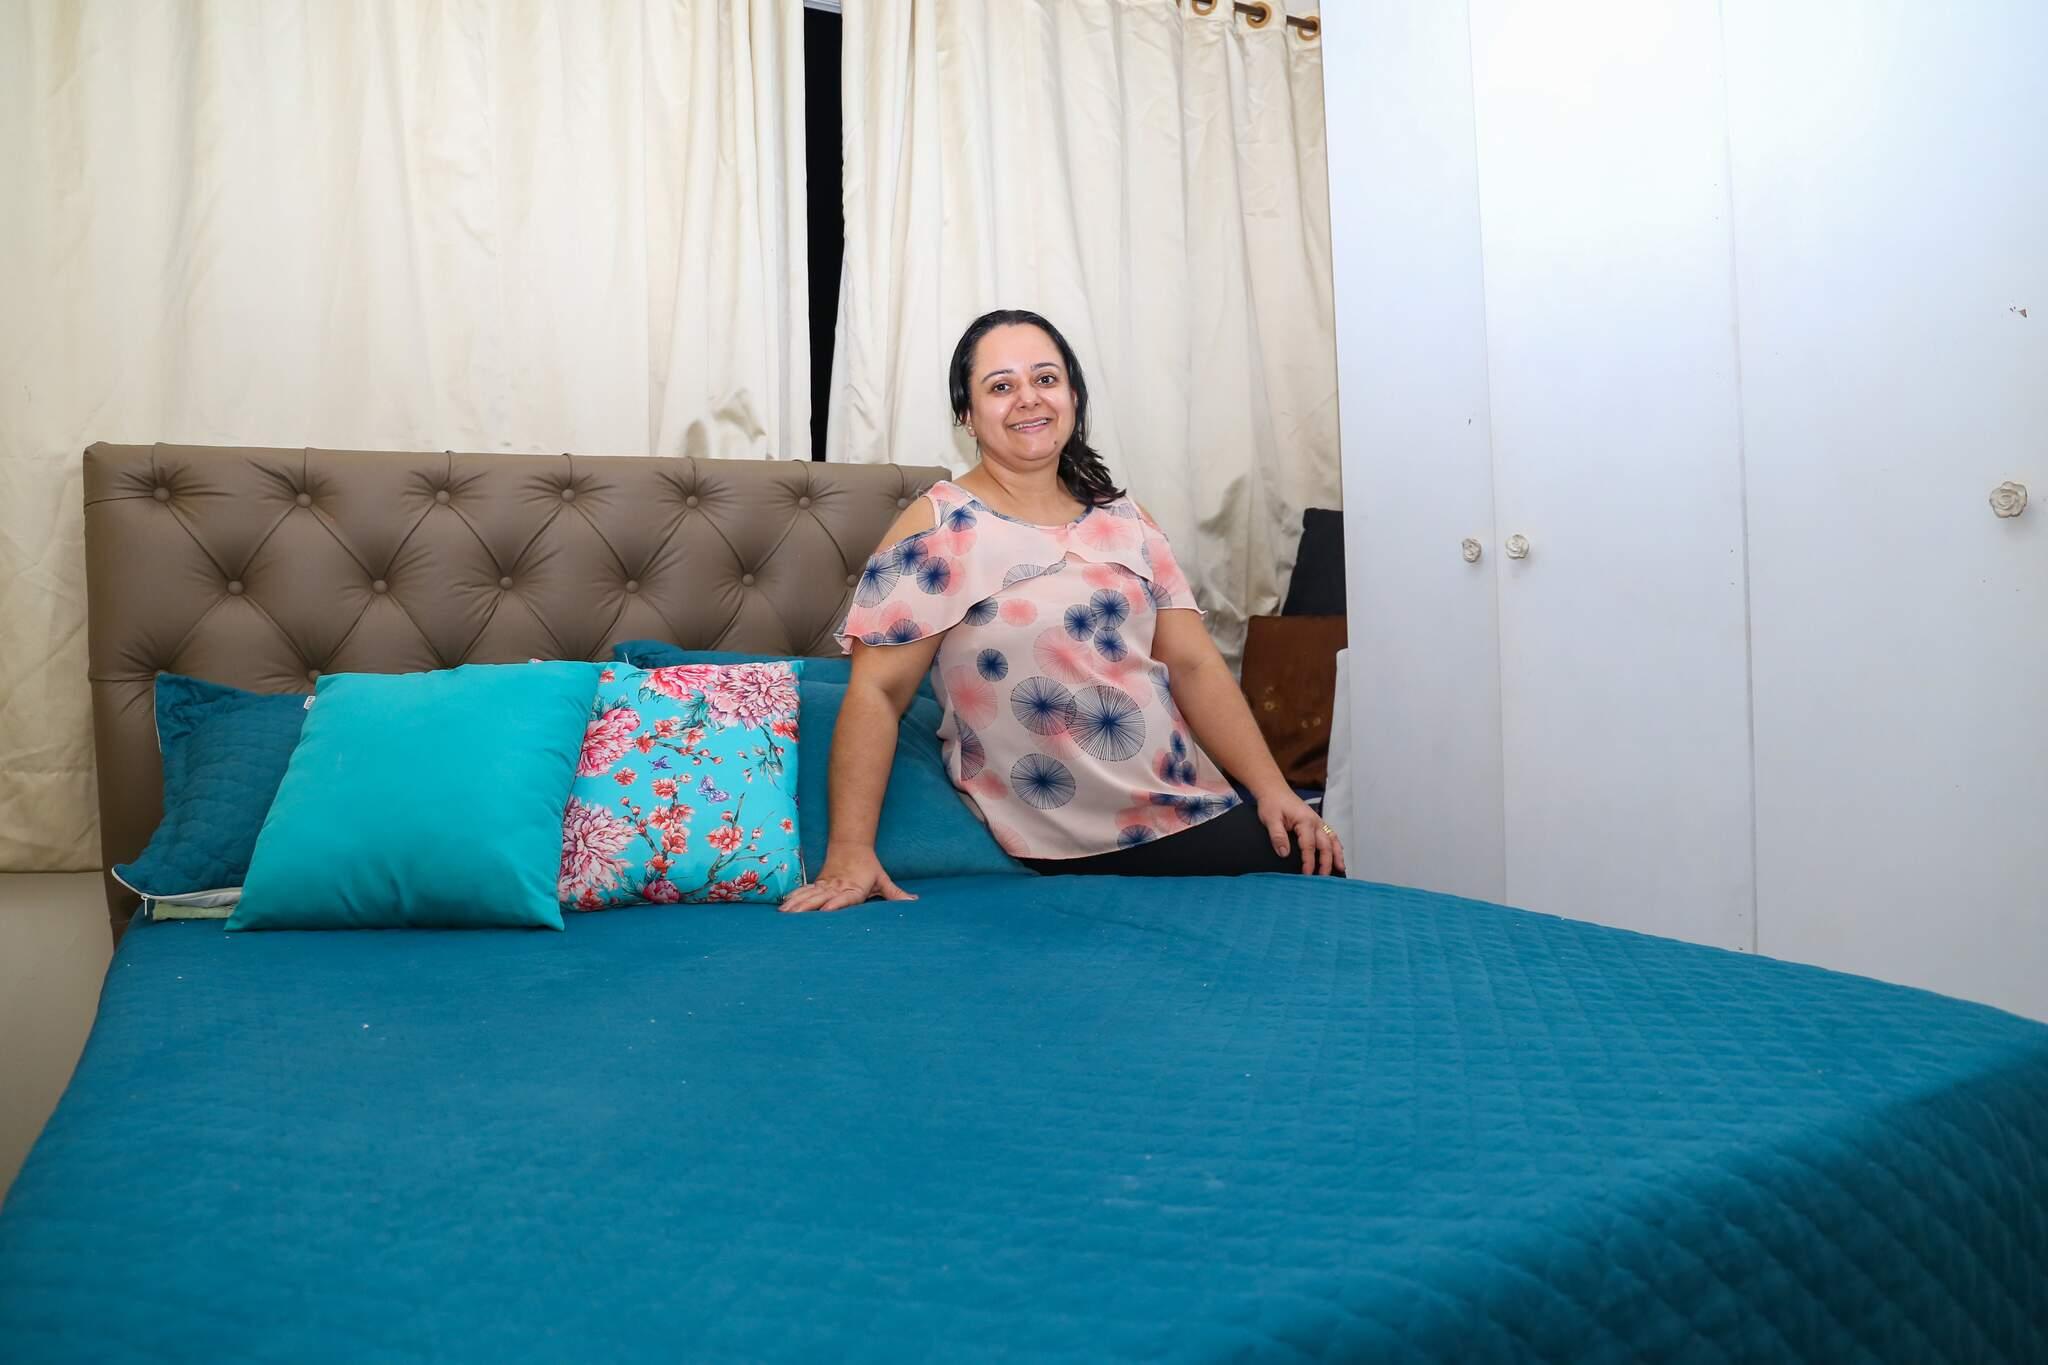 Andressa Pereira de Souza tinha dores de hérnia de disco, mas mudou a rotina com colchão novo. (Foto: Paulo Francis)